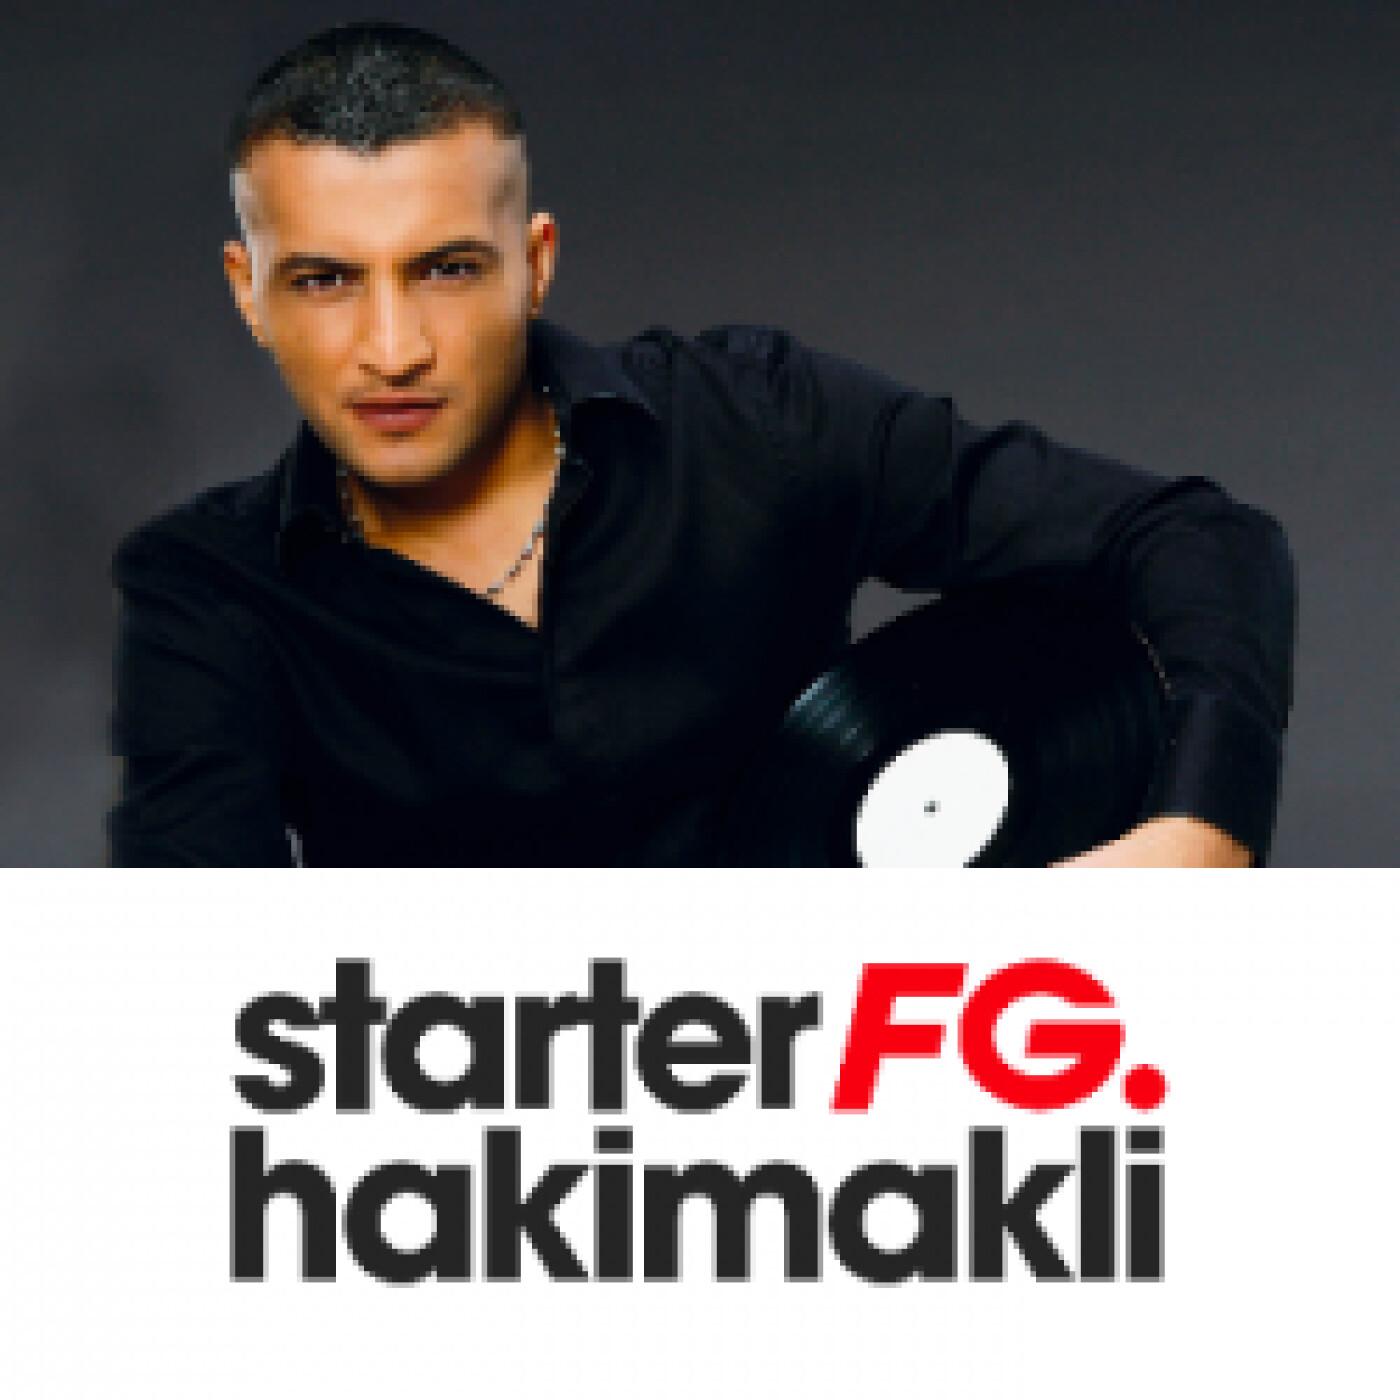 STARTER FG BY HAKIMAKLI MARDI 23 FEVRIER 2021